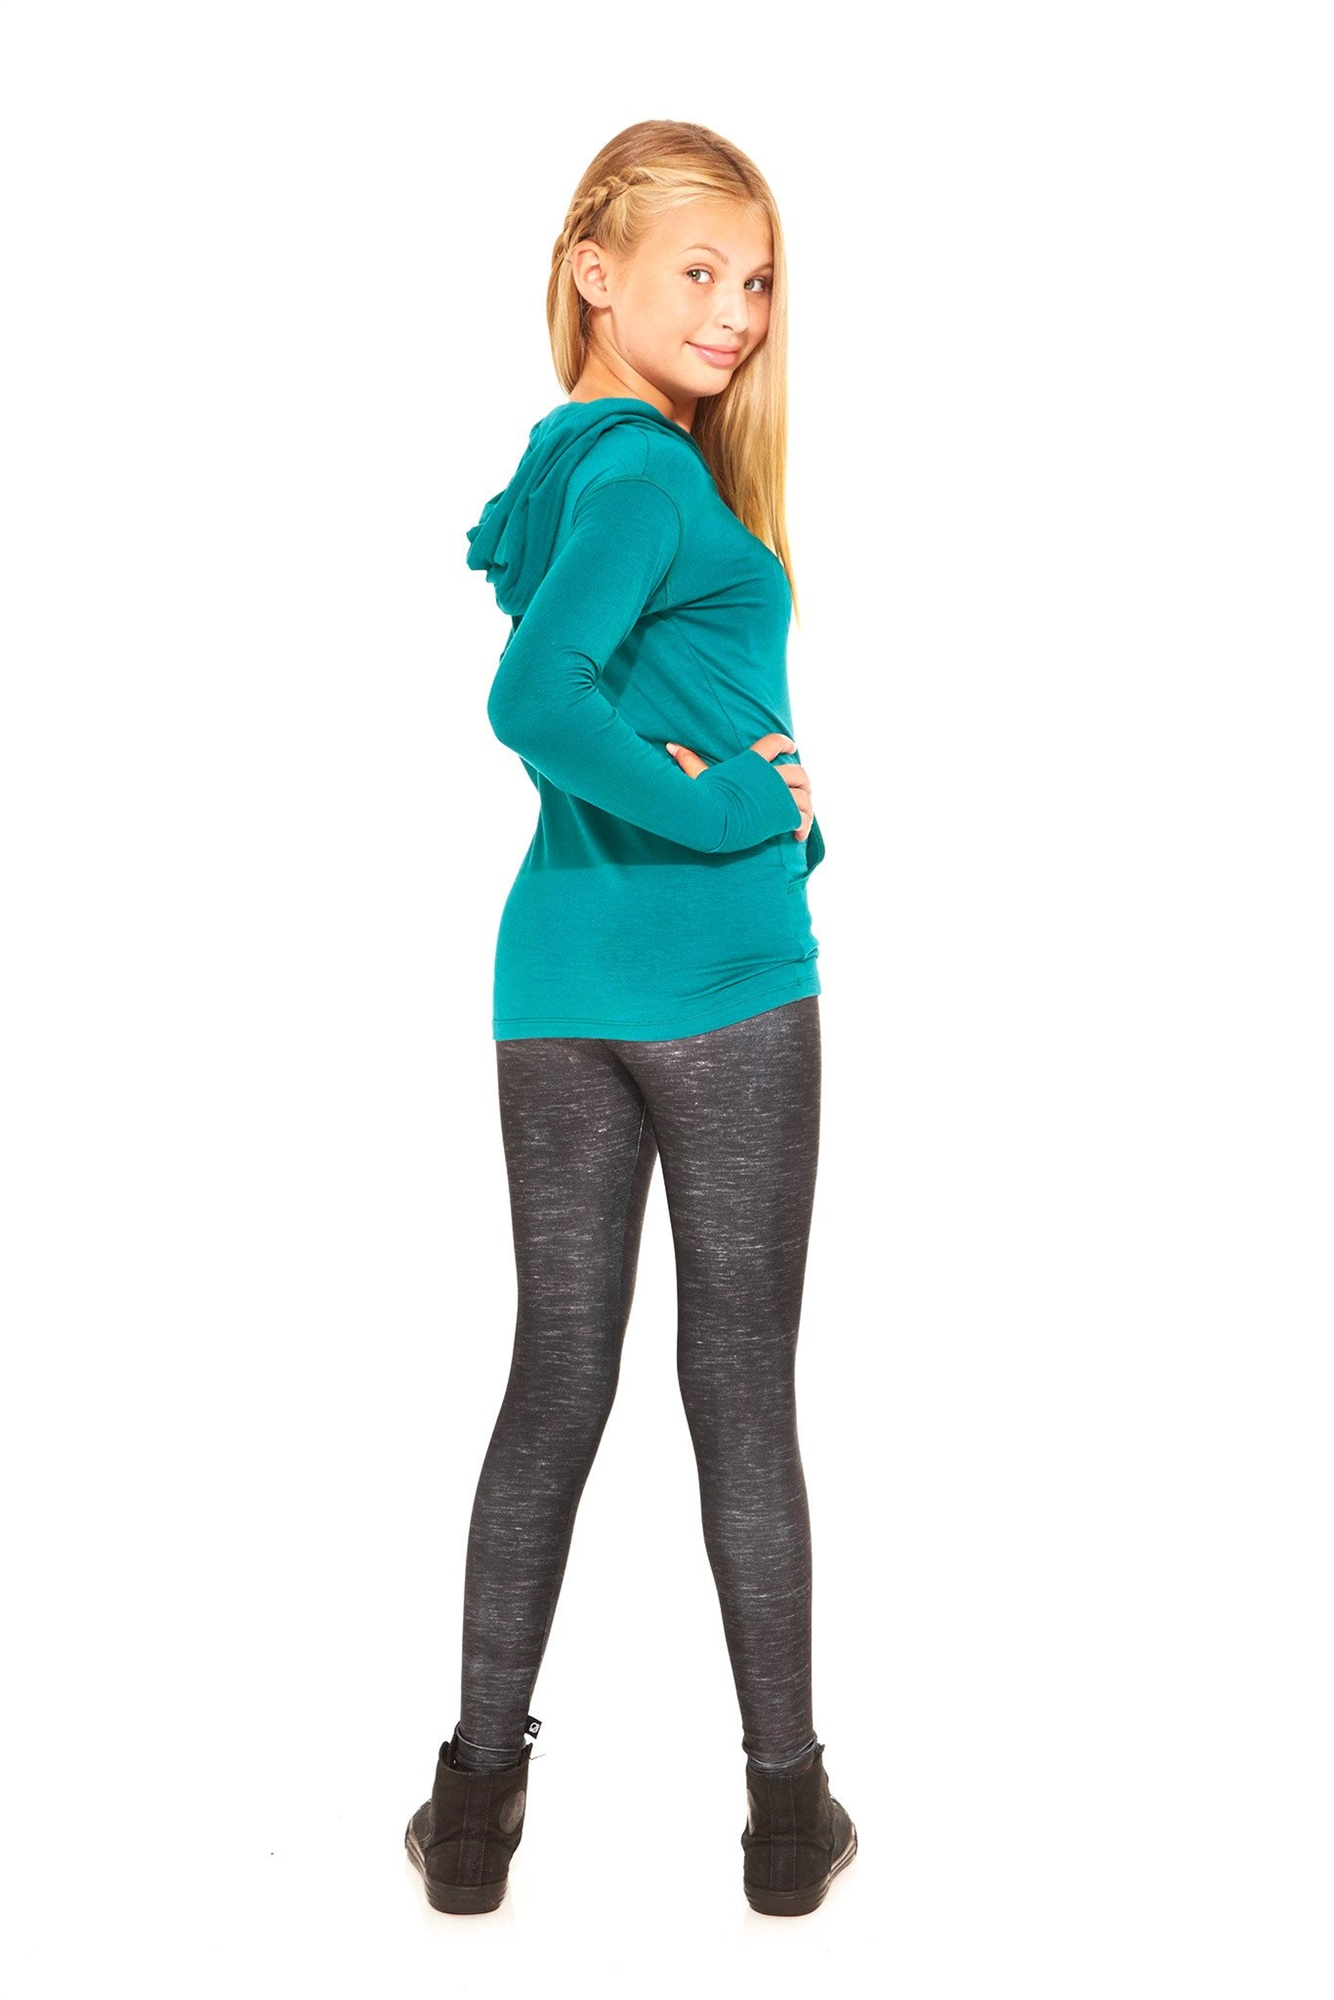 Terez - Girls Heathered Black Leggings